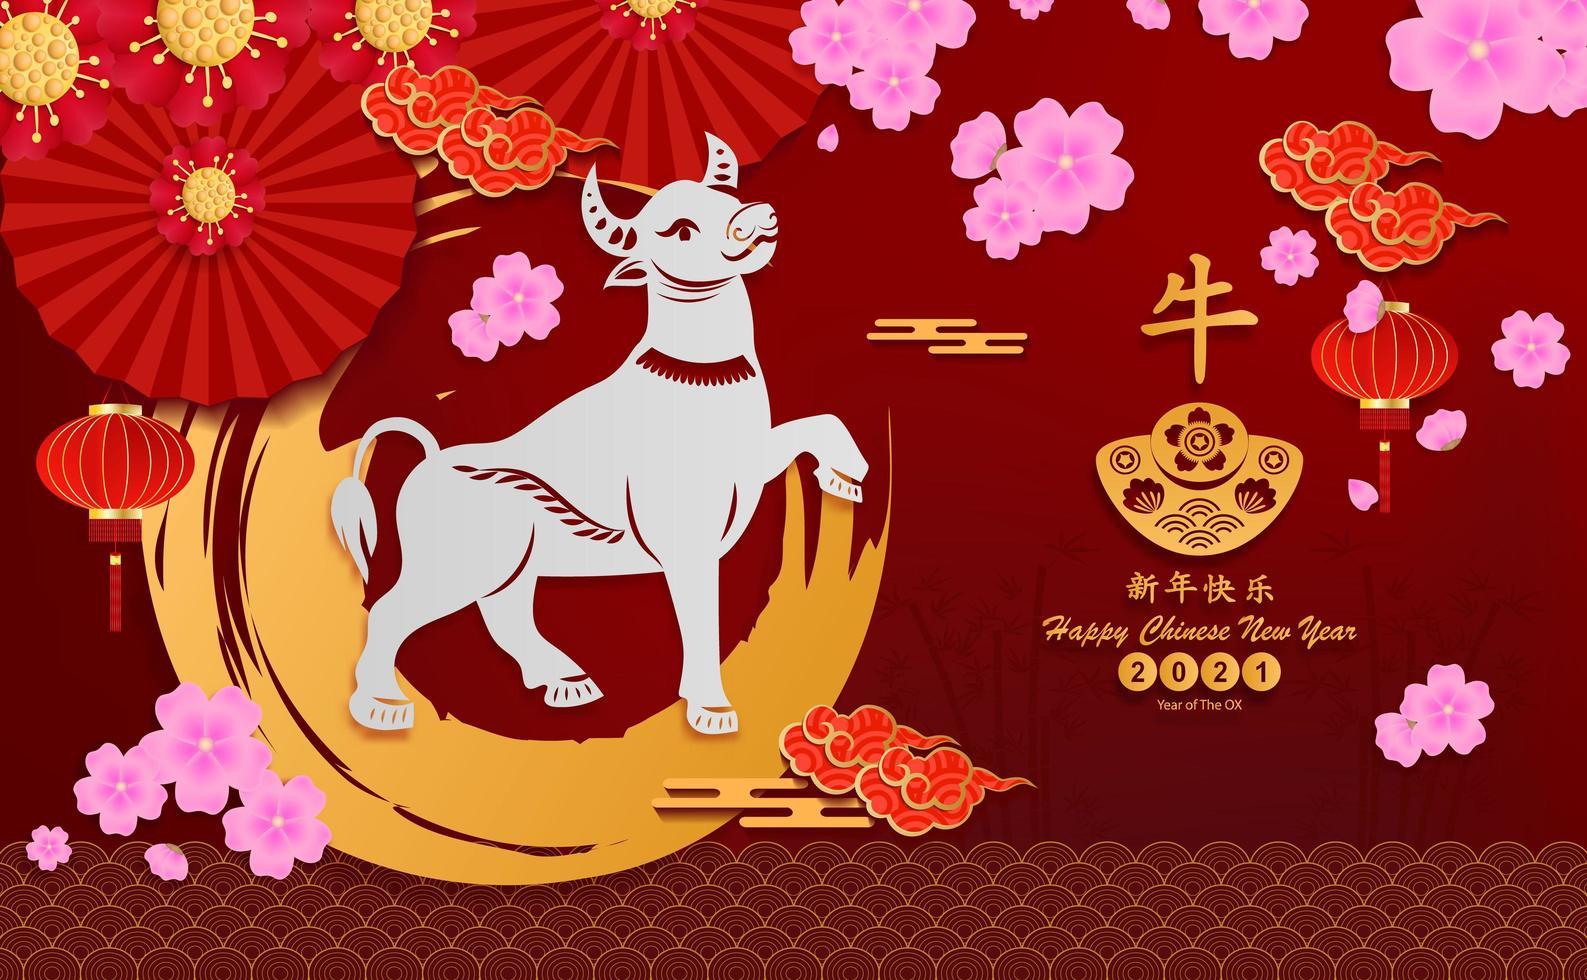 glückliches chinesisches neues Jahr 2021 Vektorpapierschnitt ox asiatische Elemente und Anhänger. chinesische Übersetzung ist froh chinesisches Neujahr 2021 vektor